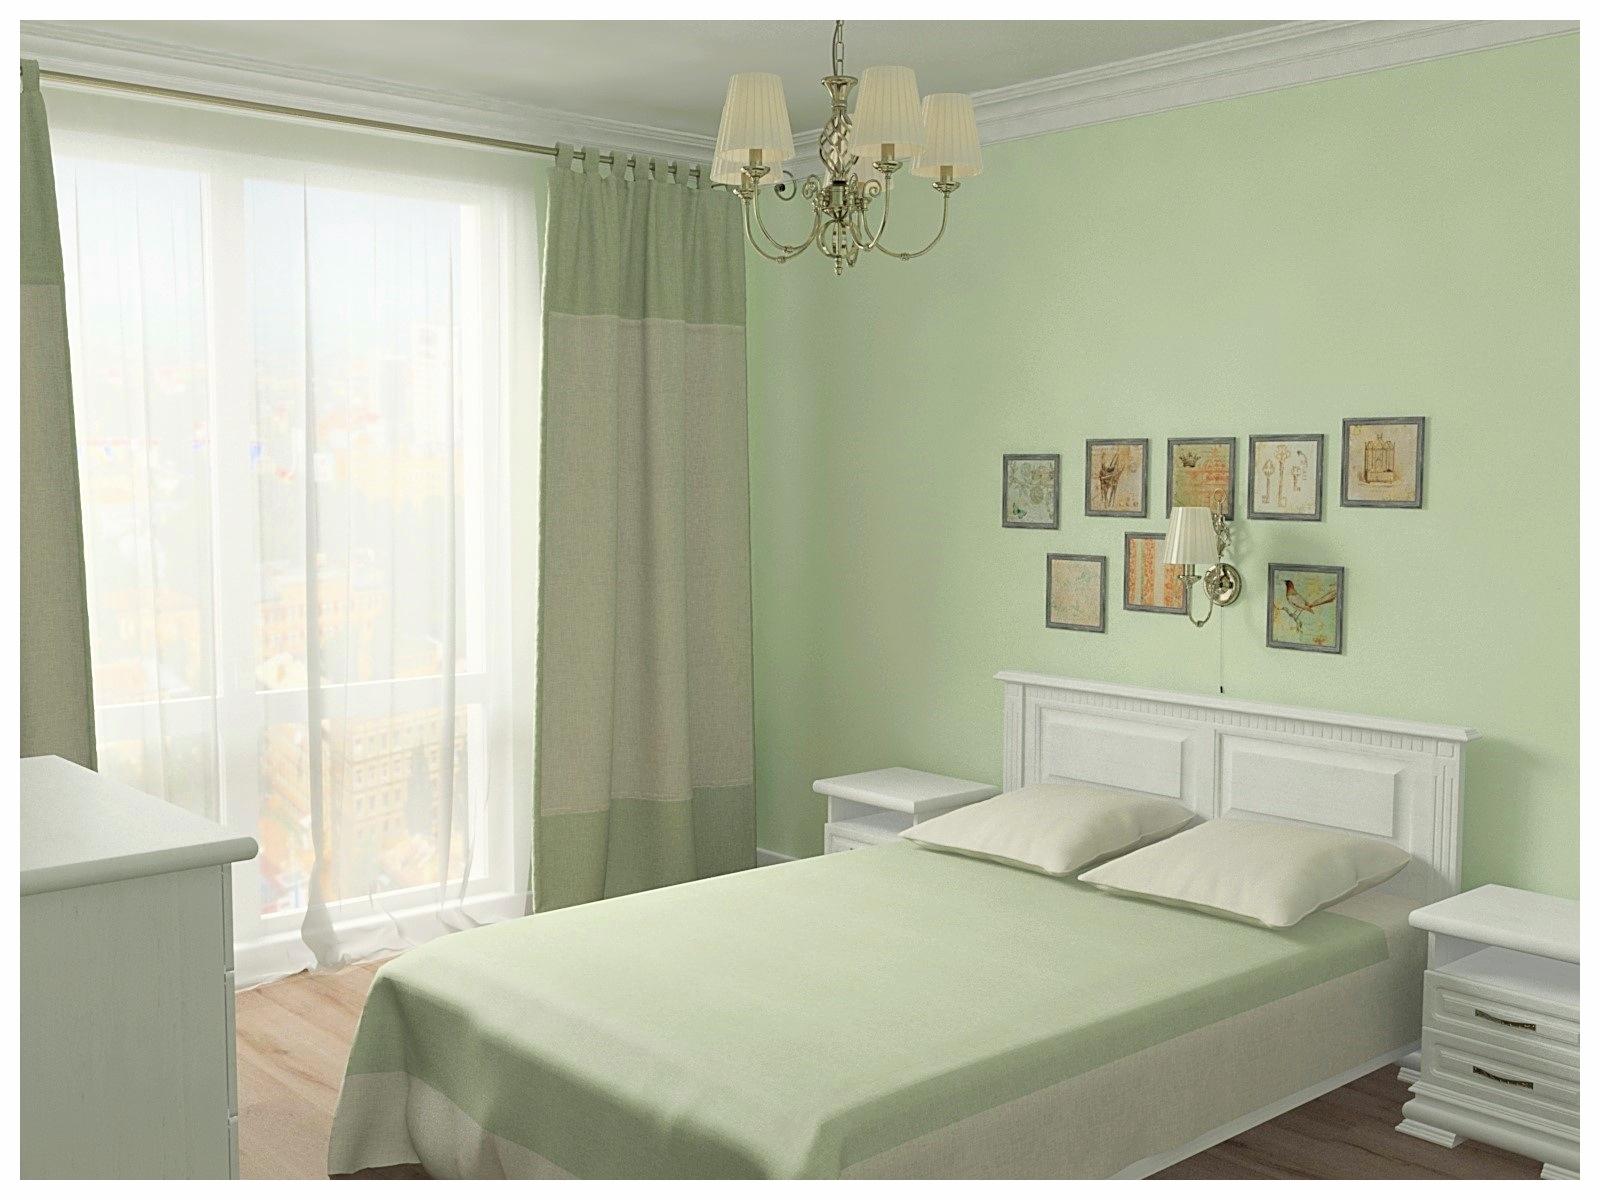 Дизайн интерьеров по договору на дизайн проект двухкомнатной квартиры. Спальня 3.